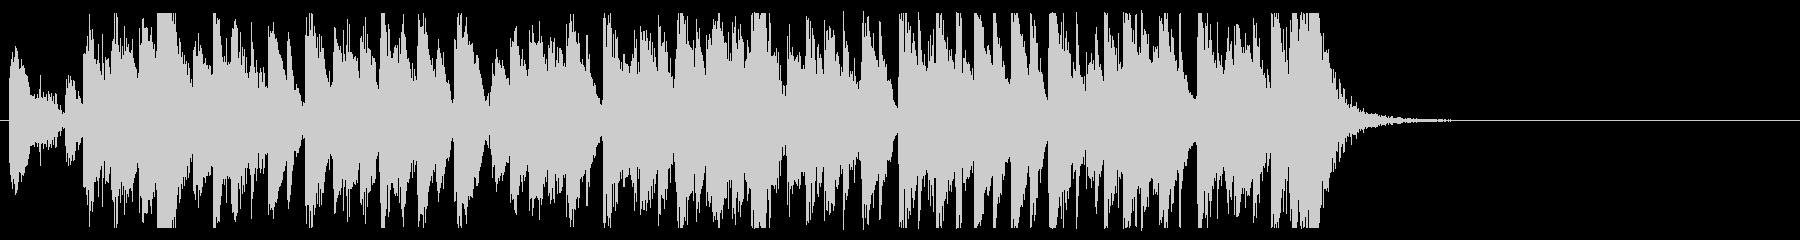 三味線 太鼓のアンサンブル3BPM136の未再生の波形